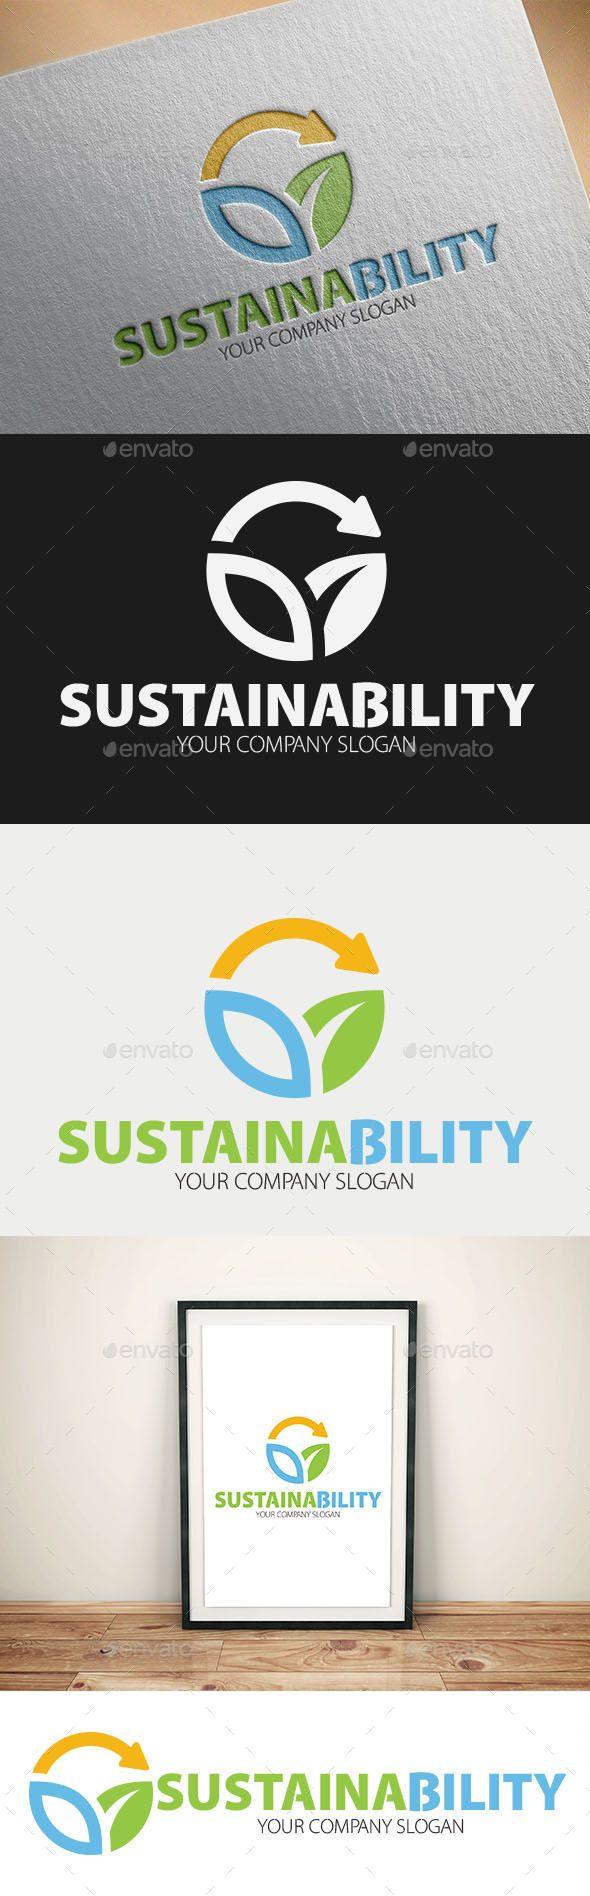 Sustainability Logo Templates